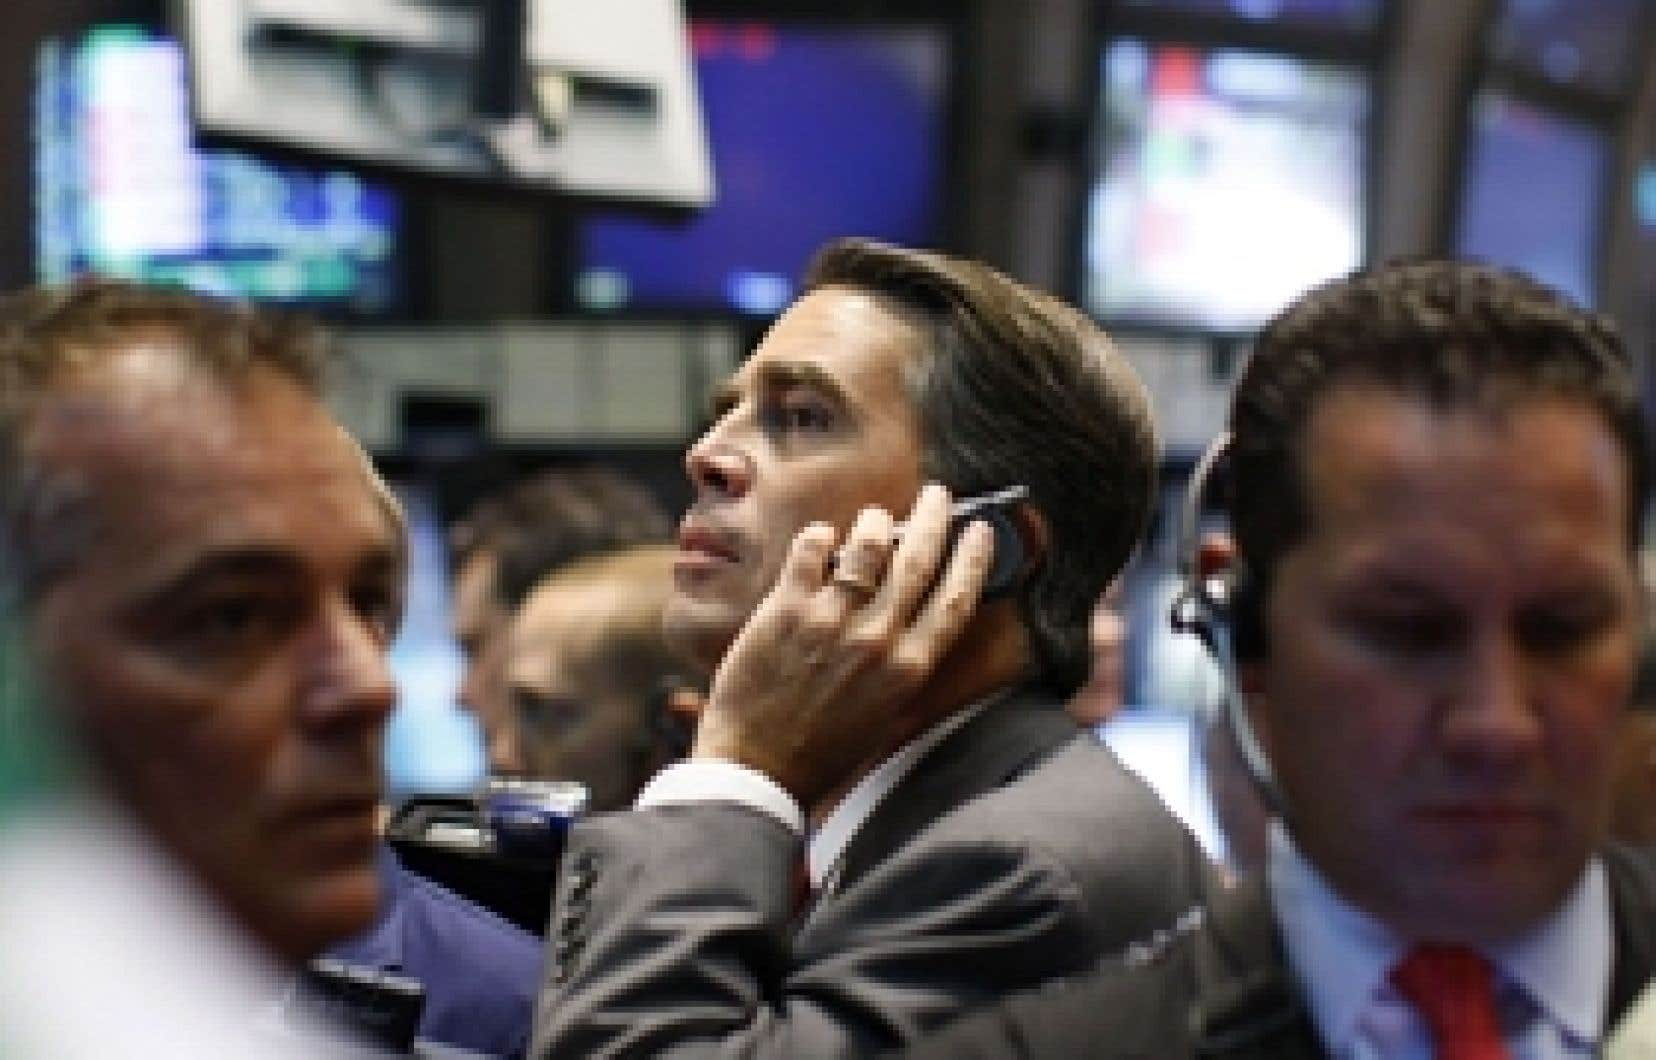 À Toronto, l'indice S&P/TSX est tombé de 813,97 points, pour terminer à 10 900,54 points, soit à son niveau le plus bas depuis juin 2006. À New York, le Dow Jones a quant à lui reculé de 348,22 points, ou 3,2 %, pour terminer la séance 10 482,8